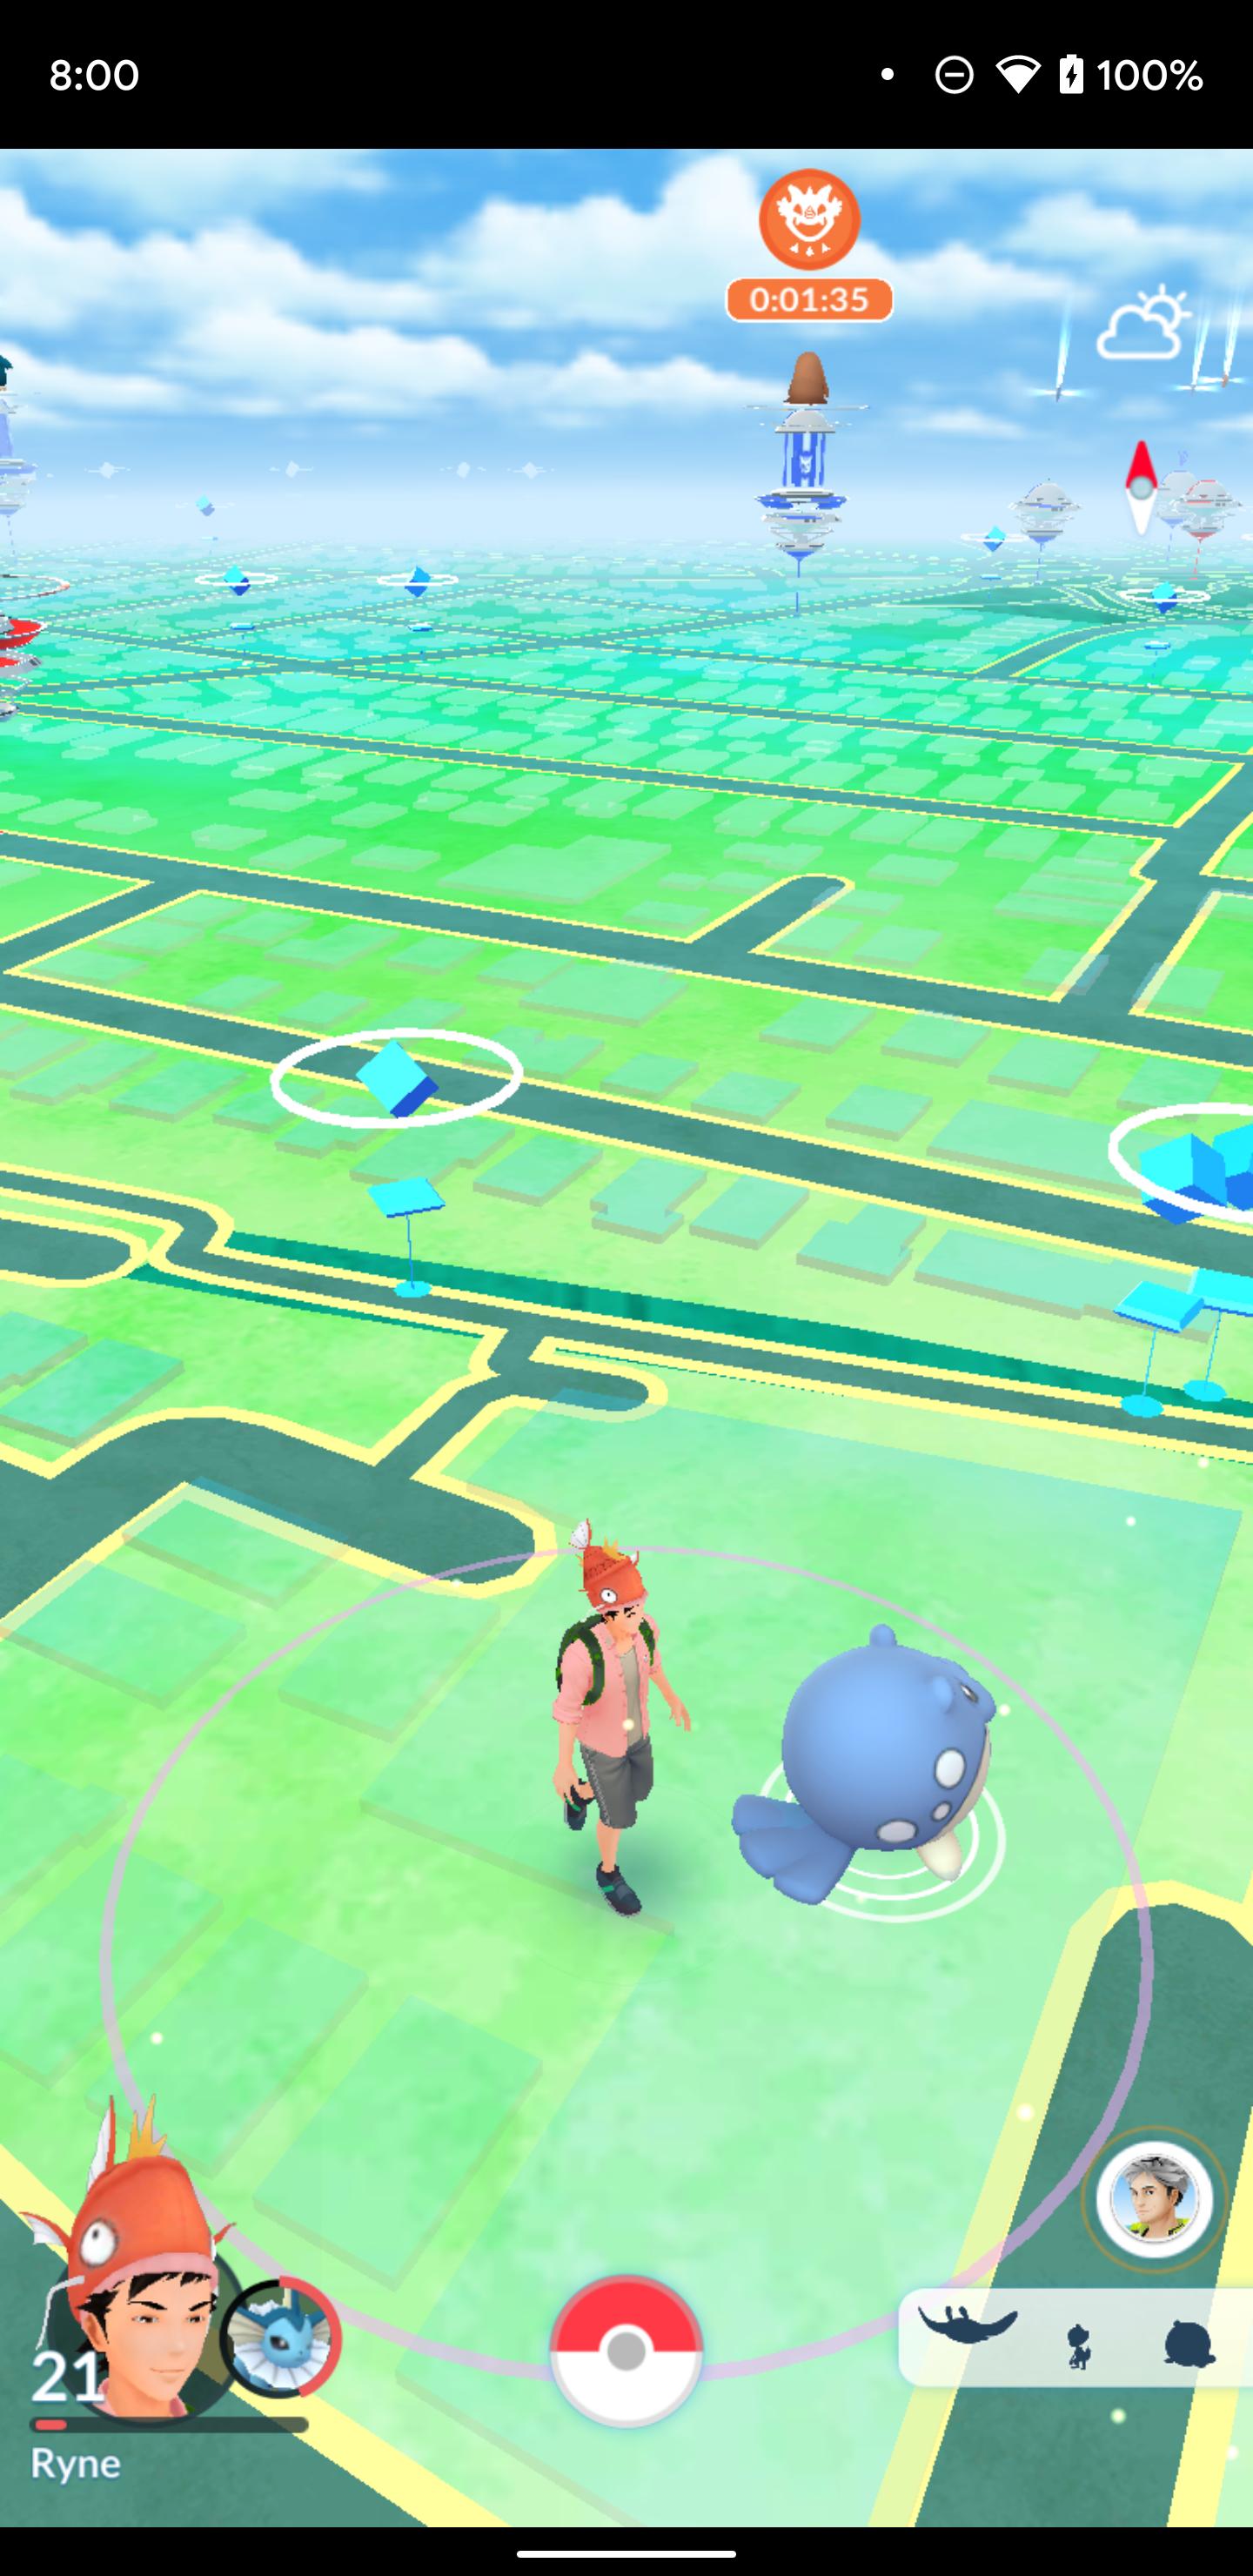 A Pokémon Go Update With Shiny Pokémon Could Revitalize App